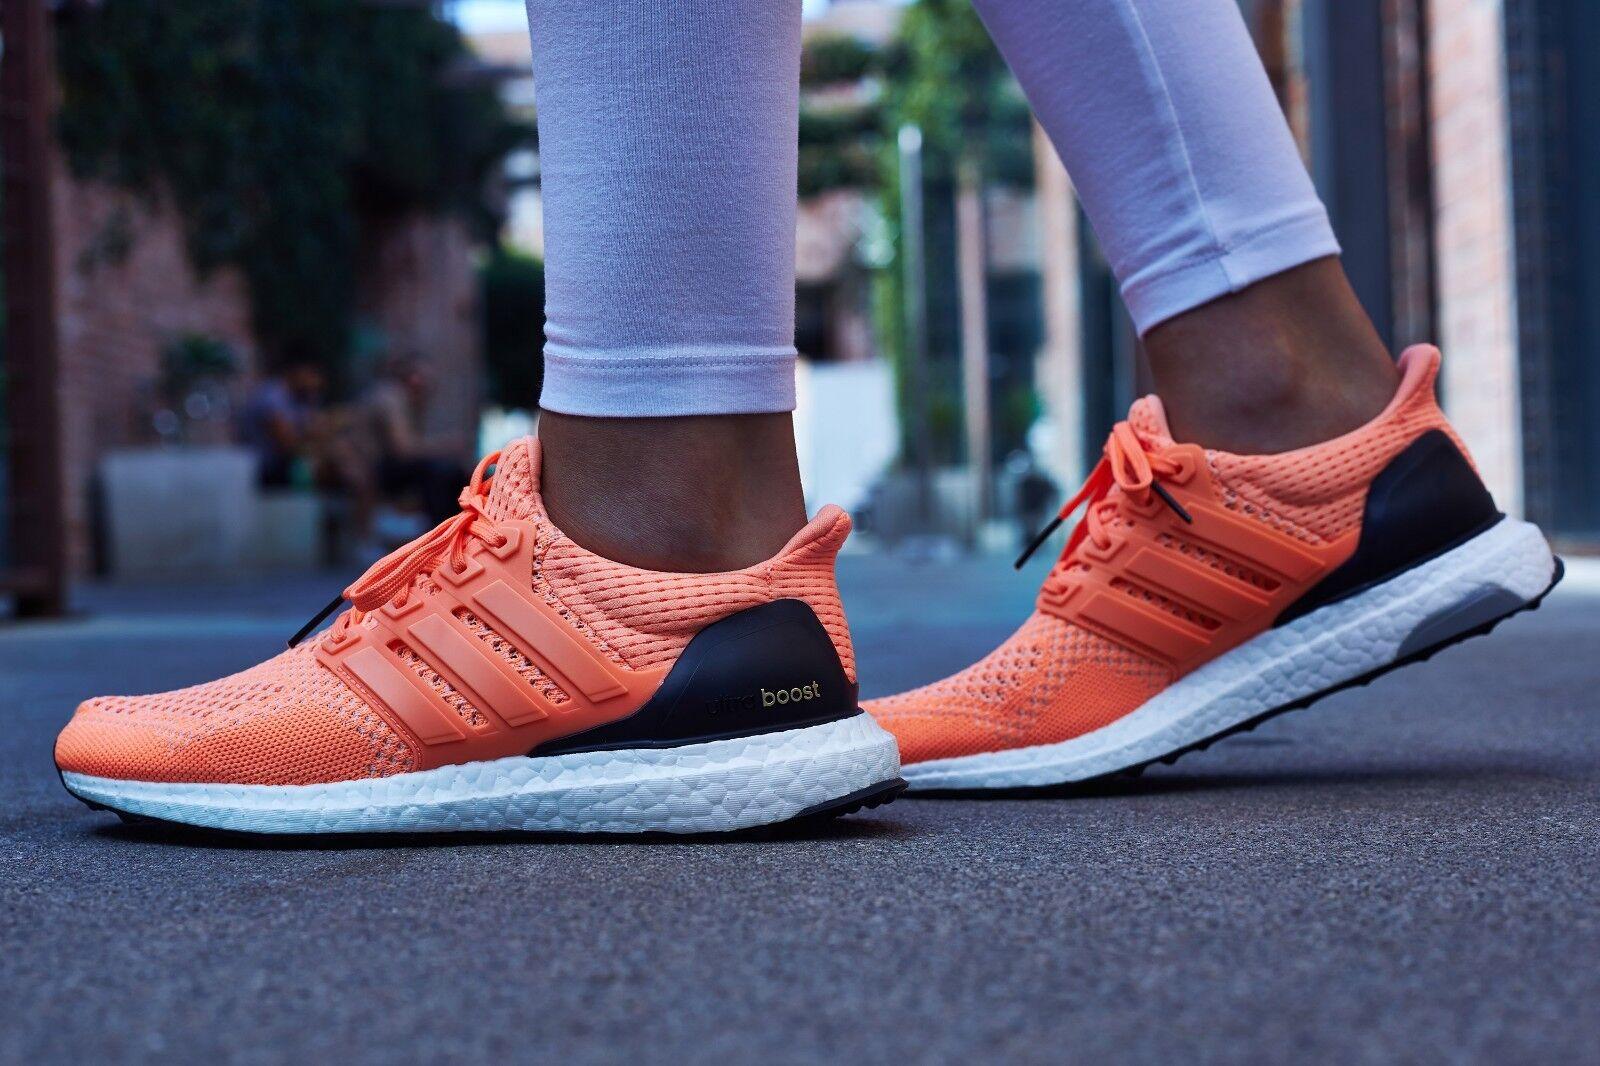 Adidas Ultra Boost 1.0 Arancione Flash Taglia UK9 US10.5 EU43 1 3 DA DONNA UOMO RARE OG